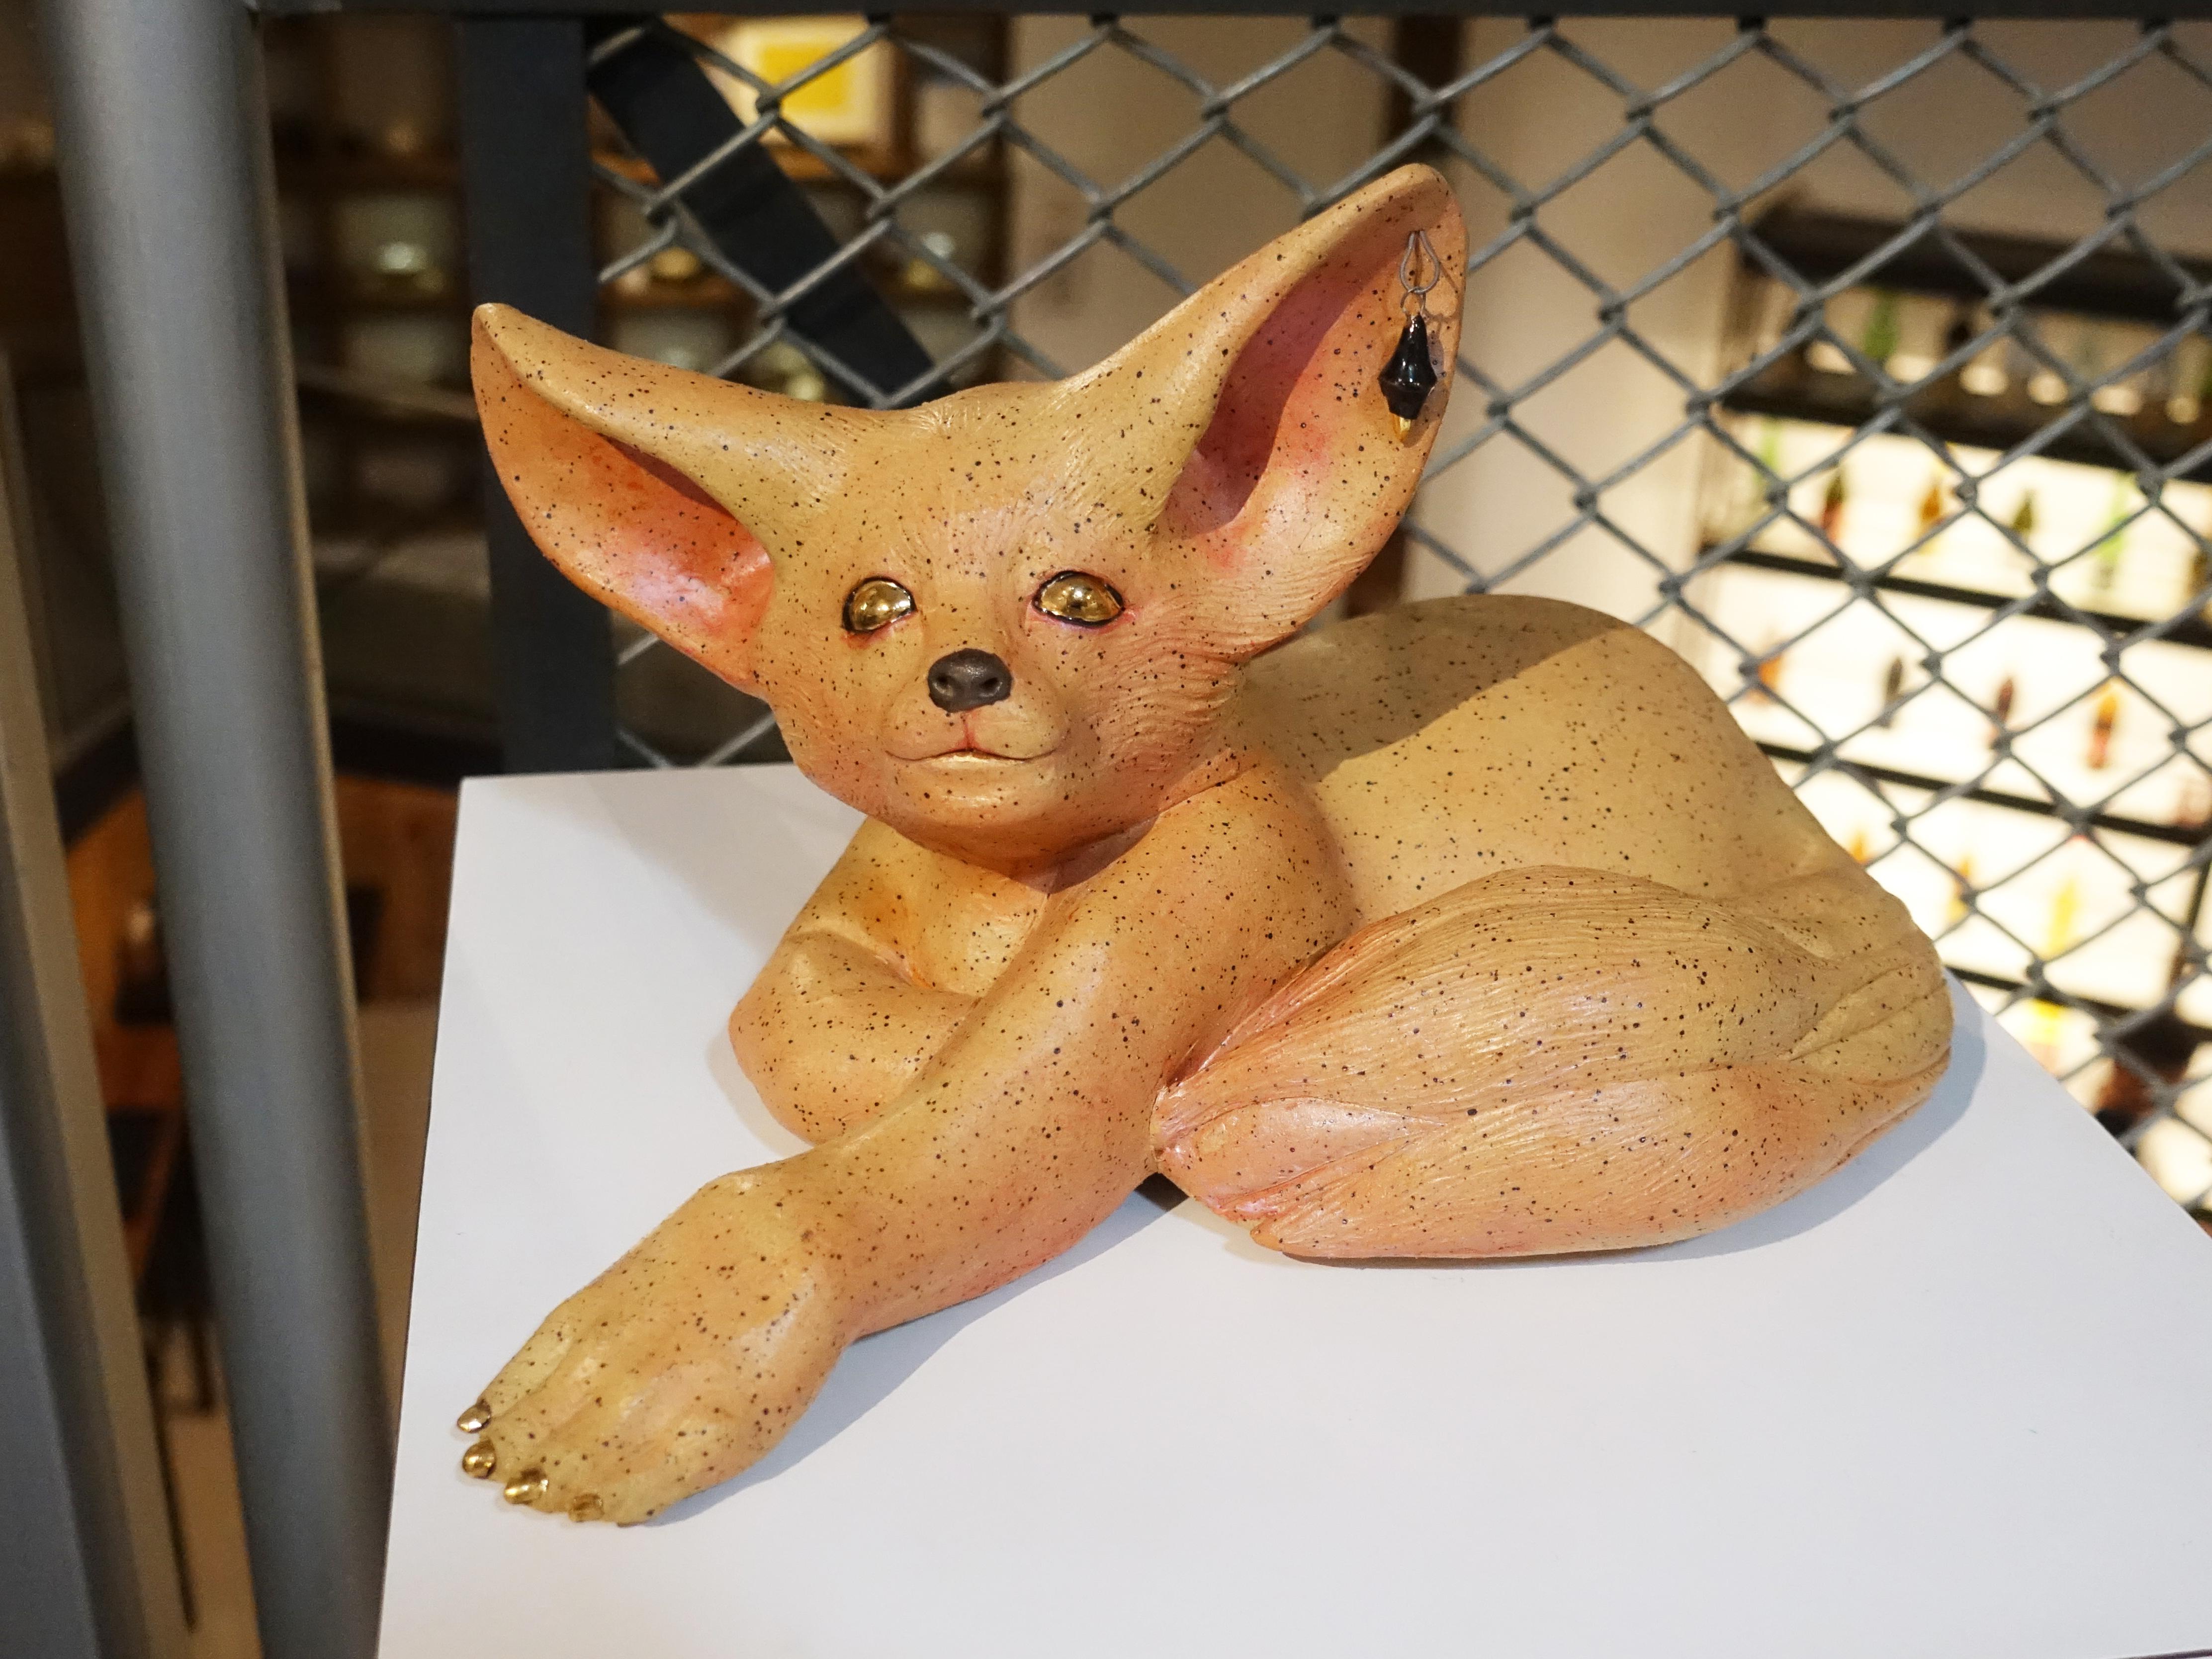 楊宗嘉,《耳廓狐》,32 x 18 x 18cm,陶瓷、釉下彩、釉上彩、釉藥,2018。